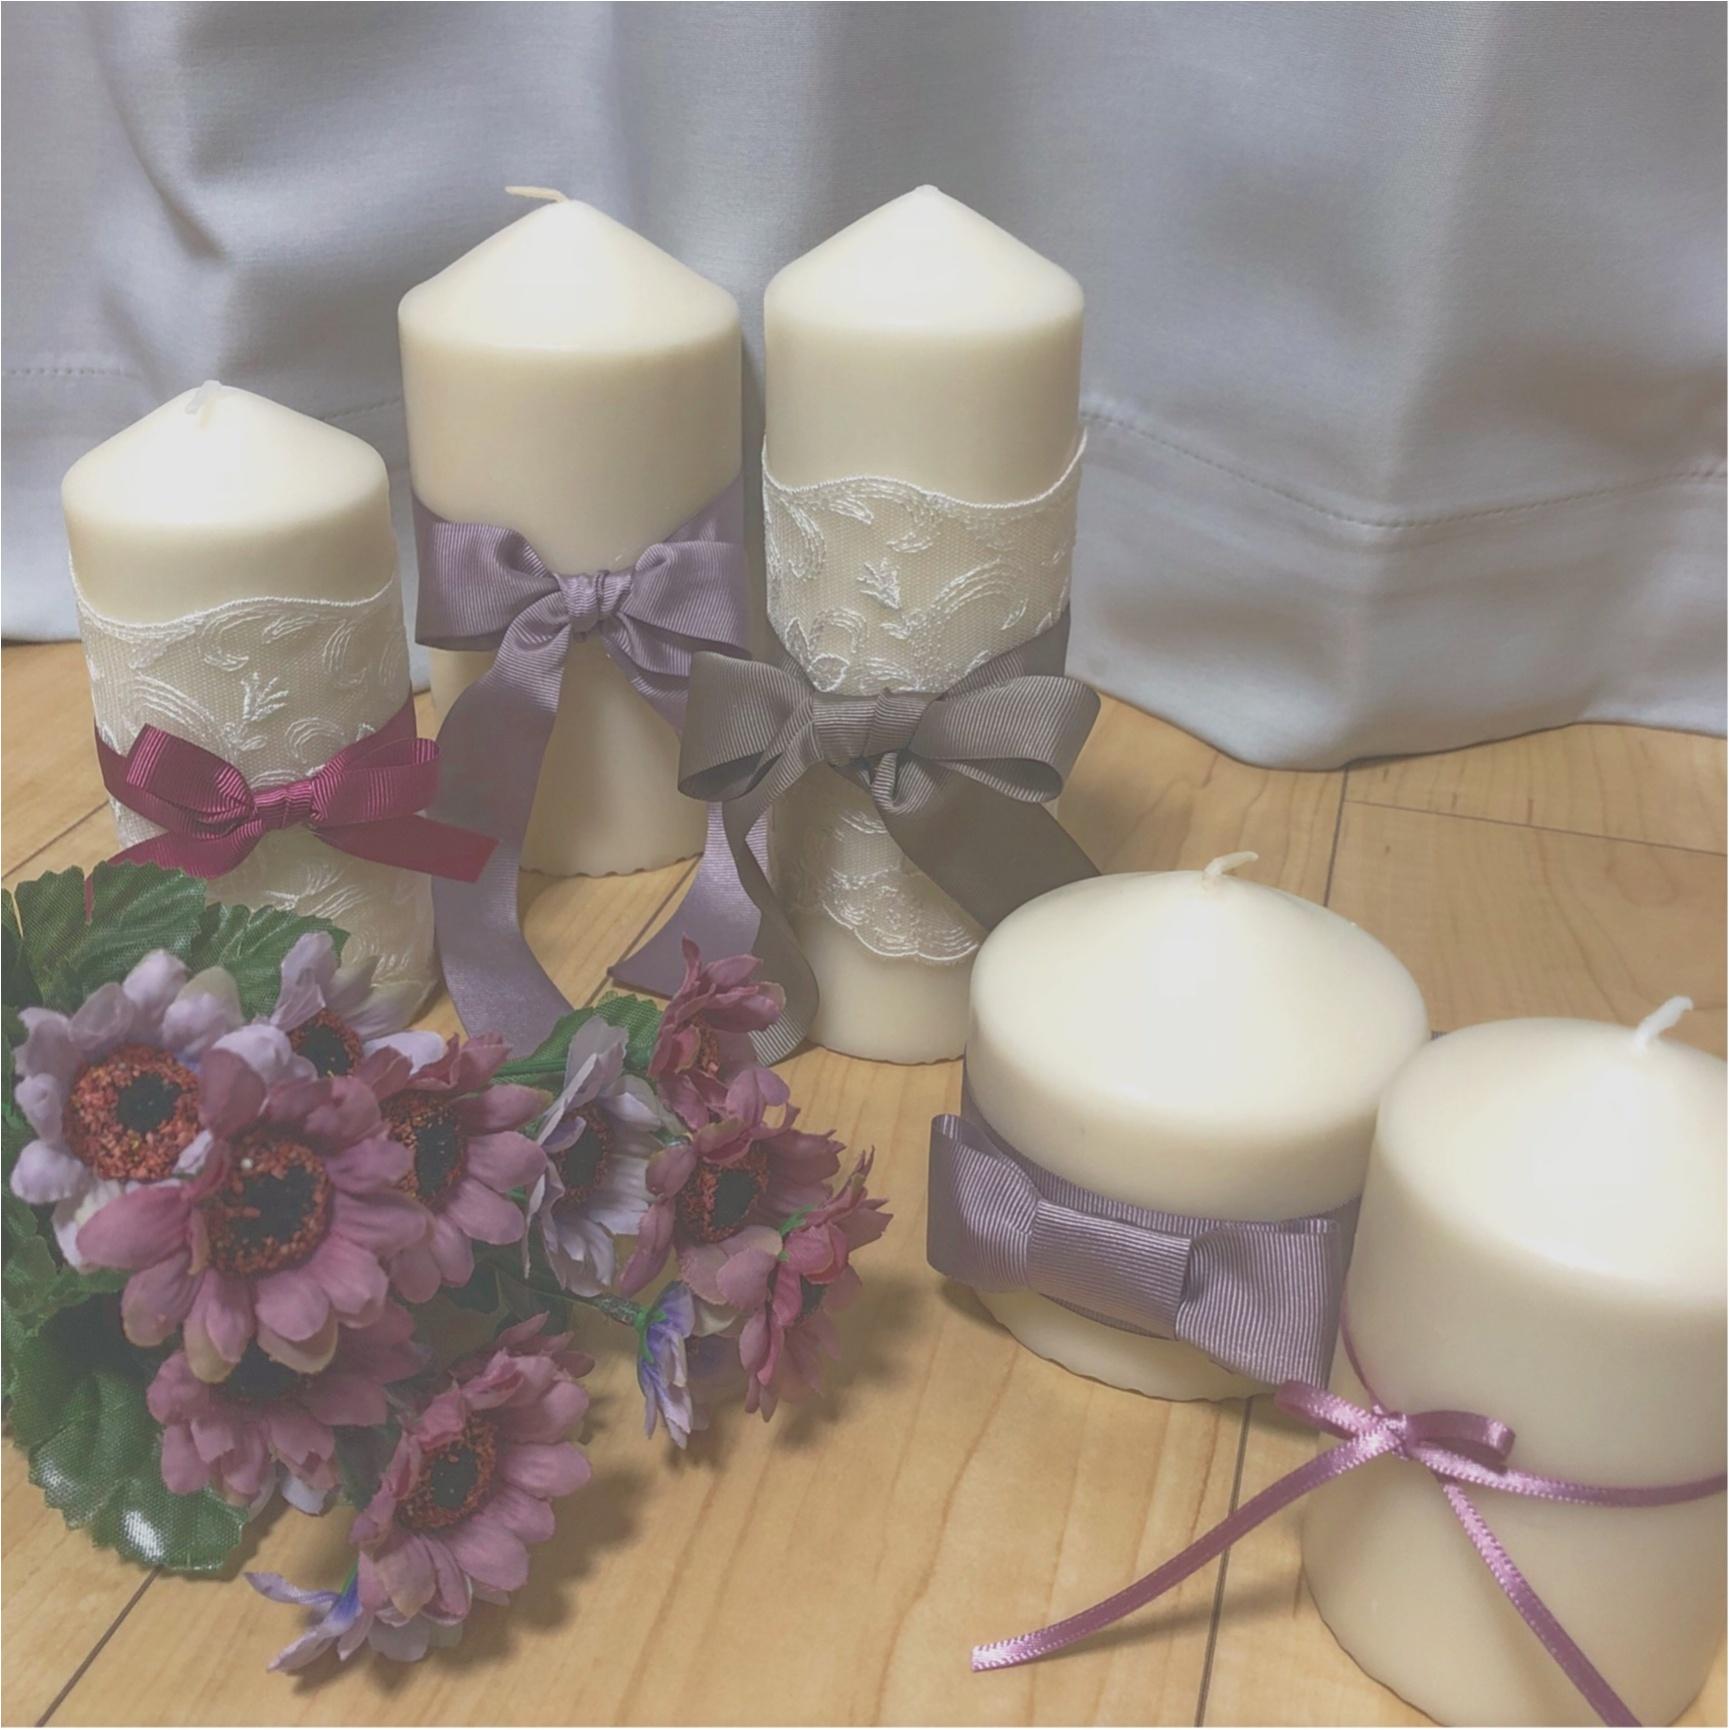 【花嫁DIY♡】part1。IKEAでの購入品で、おしゃれweddingアイテムを作っちゃいましょう♥︎♥︎♥︎コスパ◎花嫁さんの節約に!_1